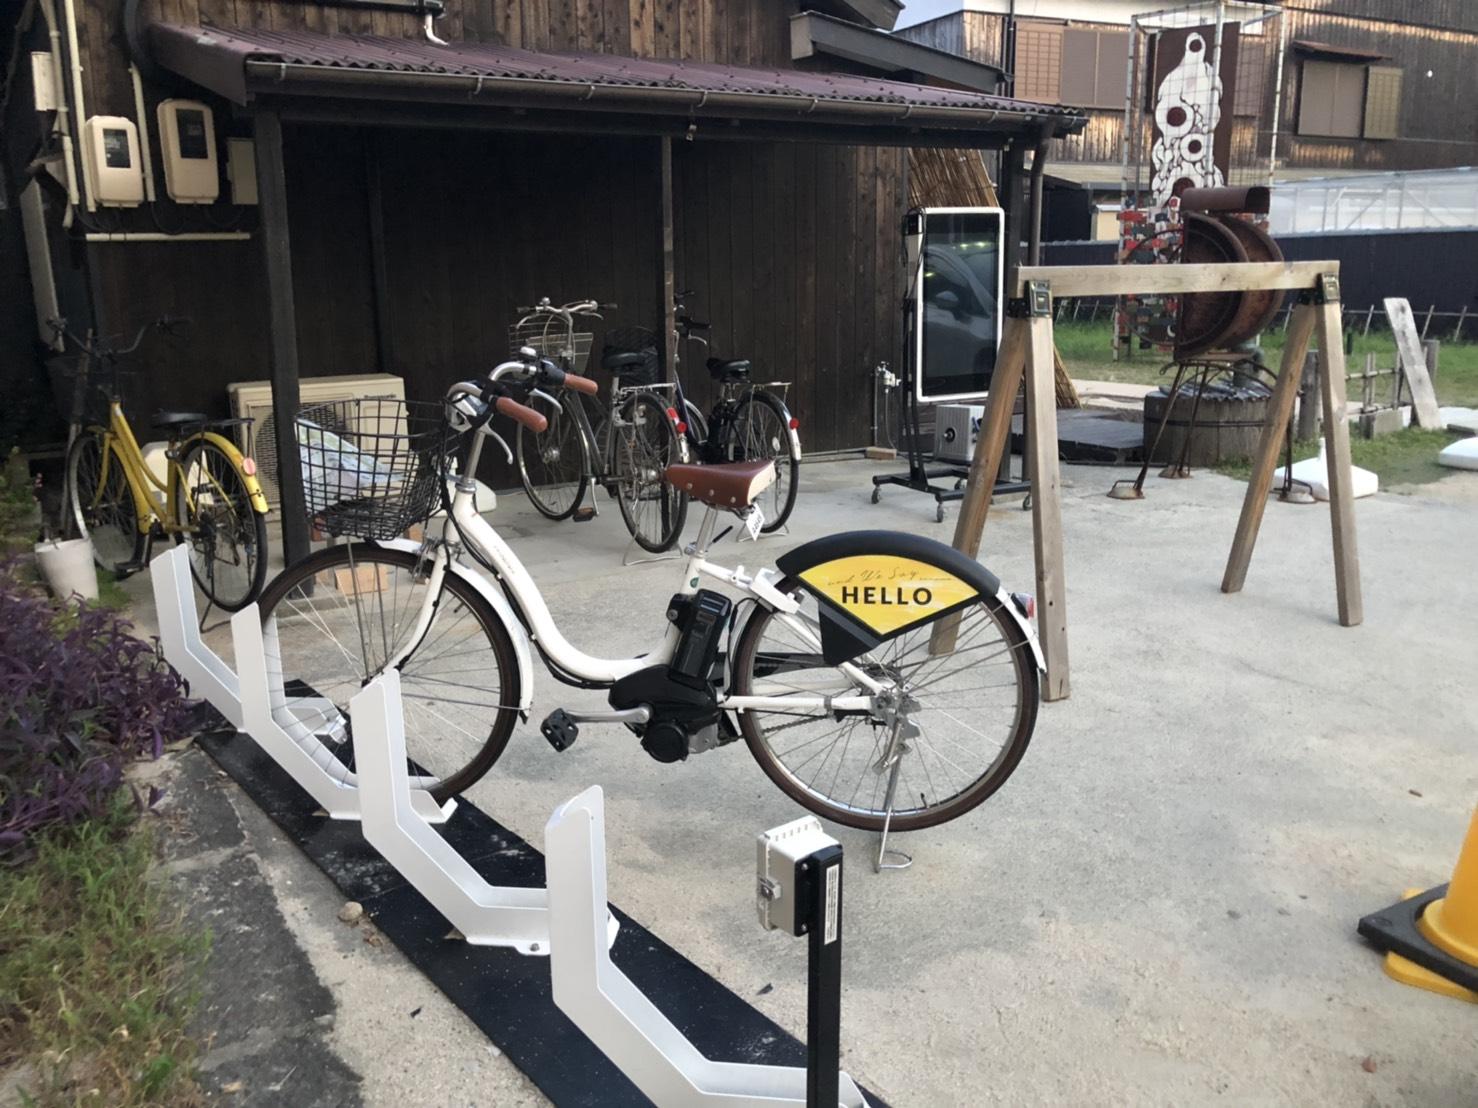 小豆島迷路のまちセトノウチ島モノ屋 (HELLO CYCLING ポート) image